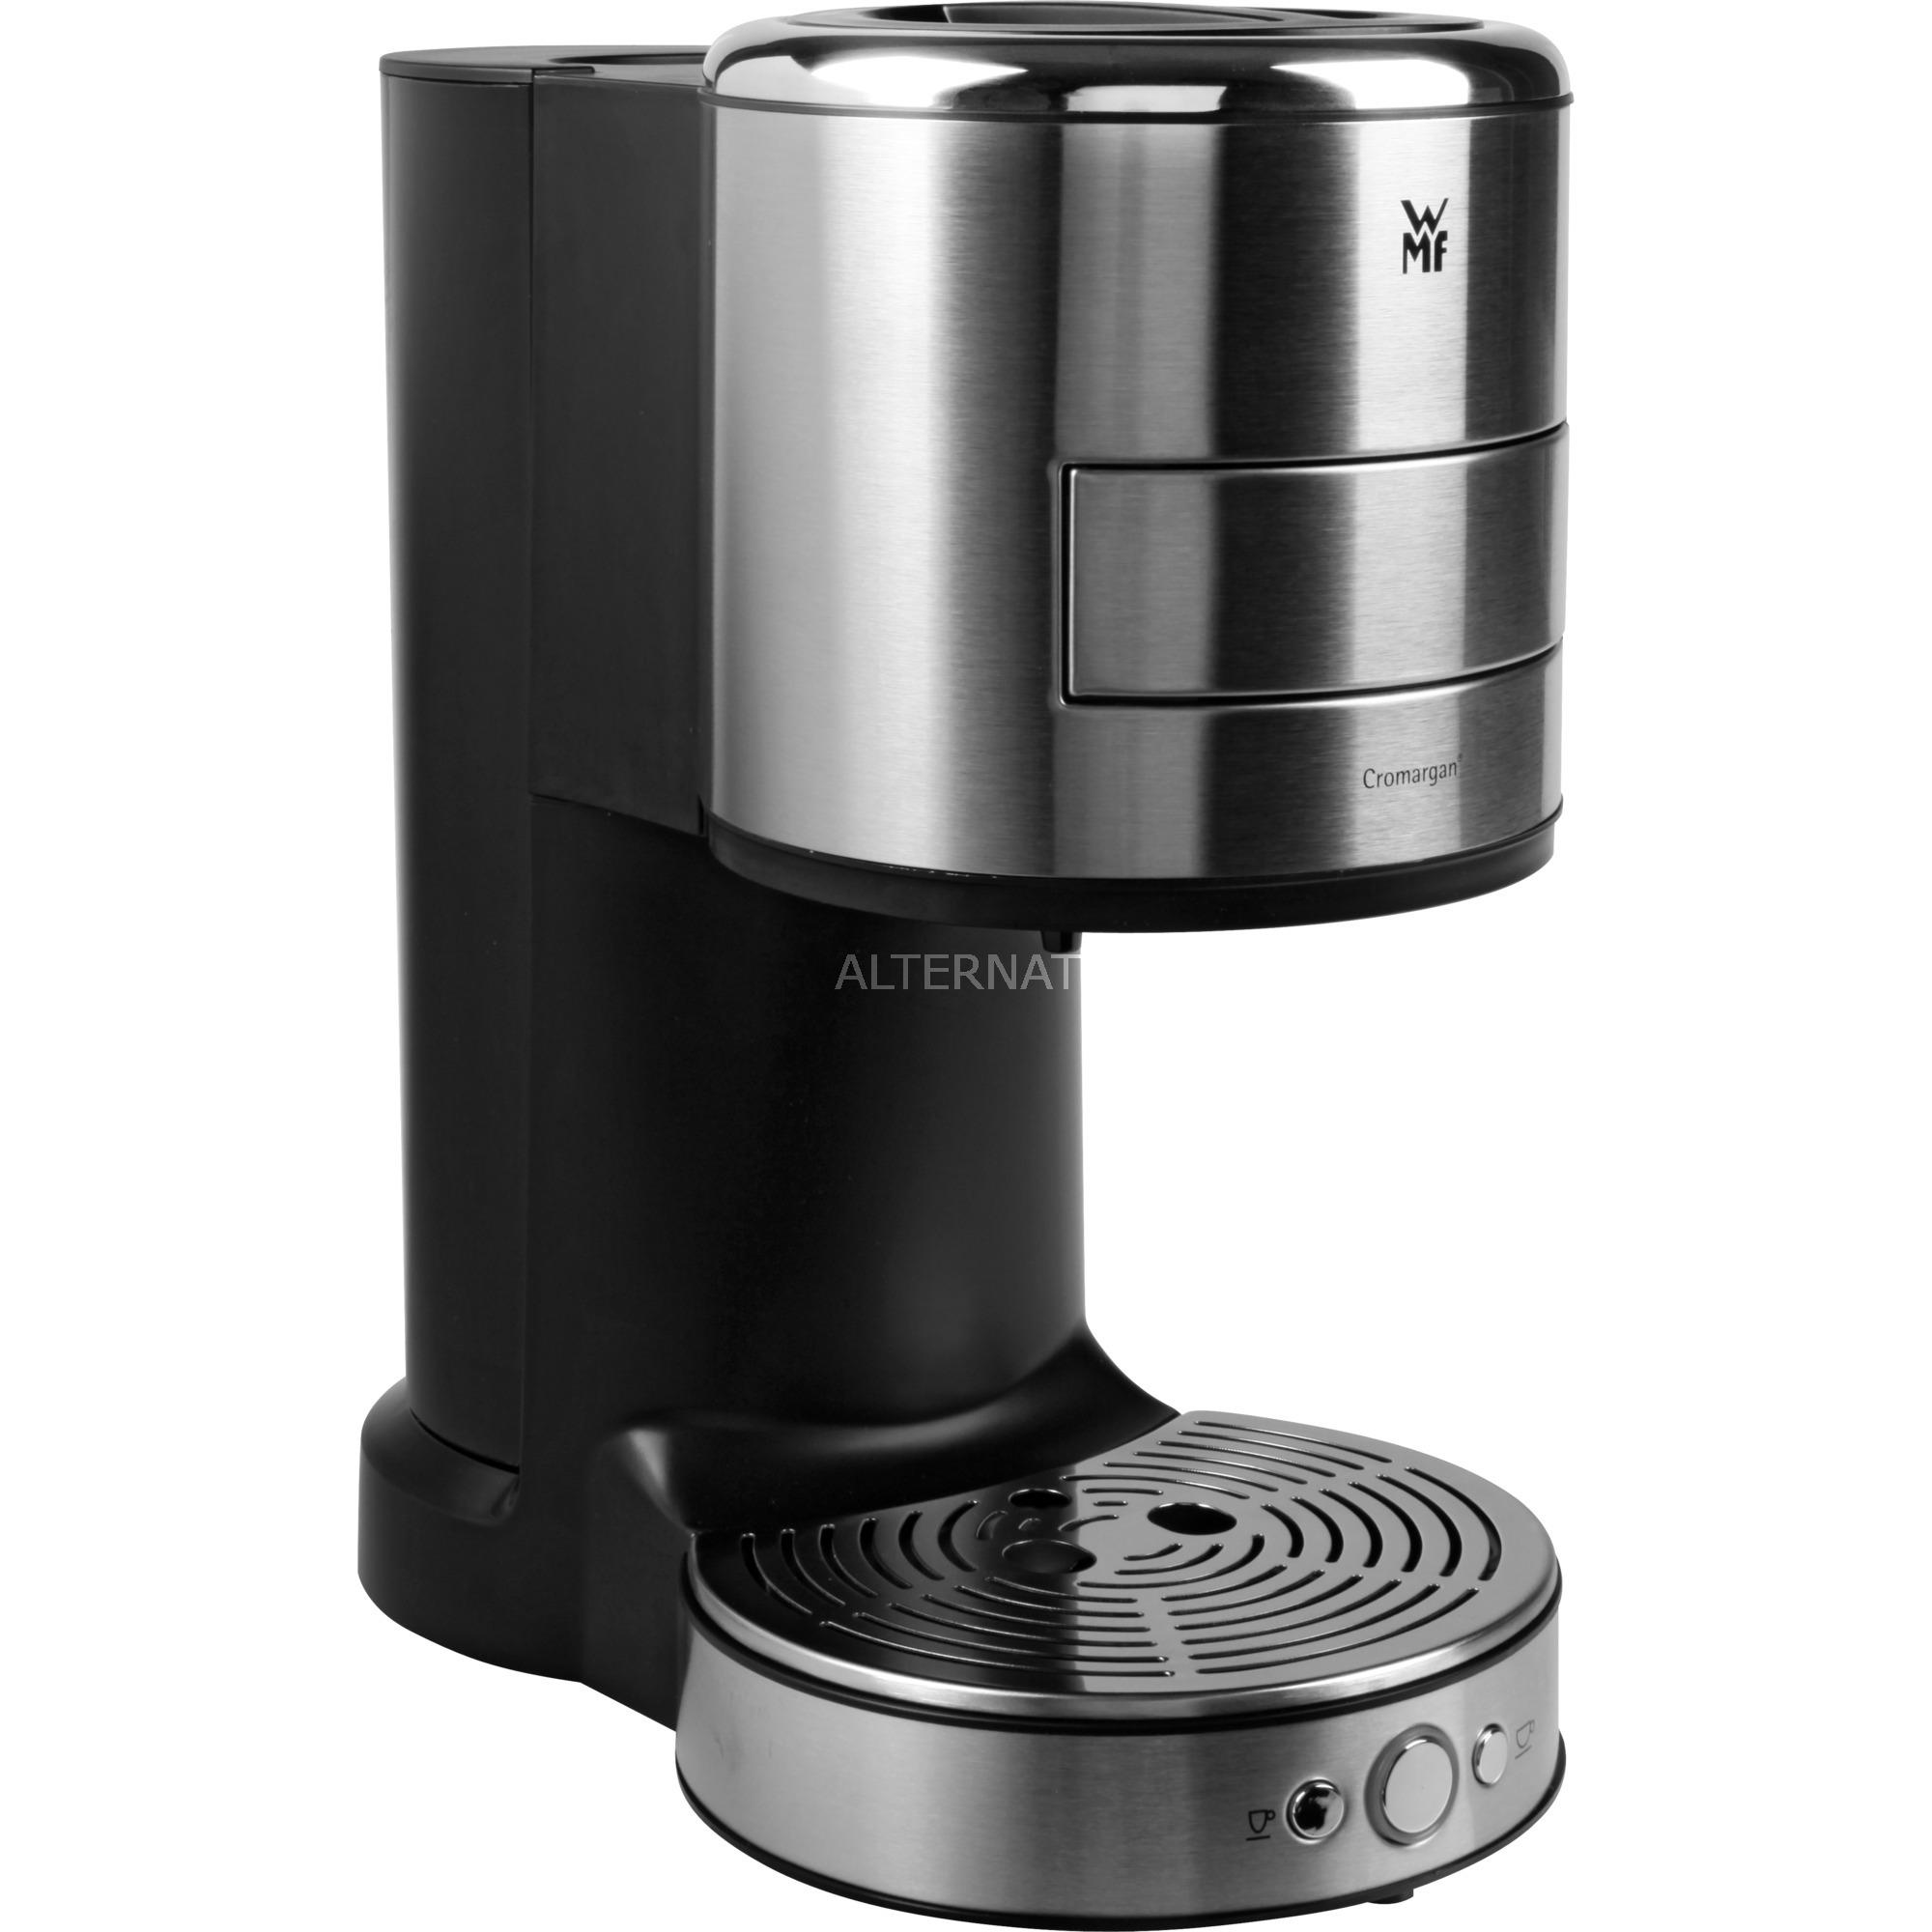 Lono Independiente Semi-automática Máquina espresso 0.8L 2tazas Negro, Acero inoxidable, Cafetera monodosis